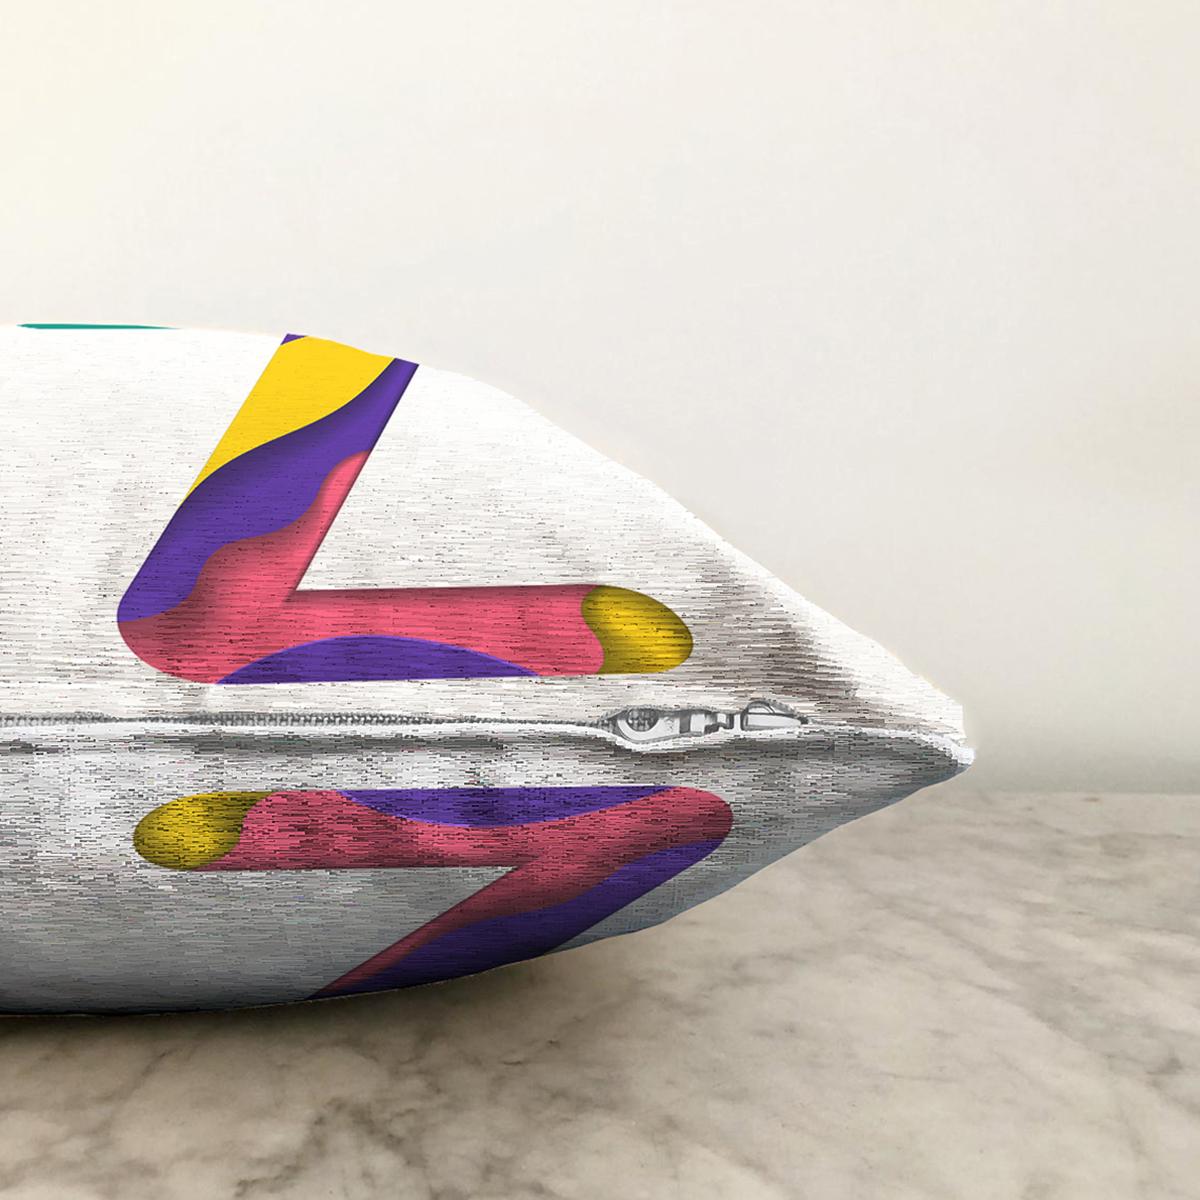 Beyaz Zemin Renkli Z Harfli Özel Tasarım Dijital Baskılı Şönil Yastık Kırlent Kılıfı Realhomes